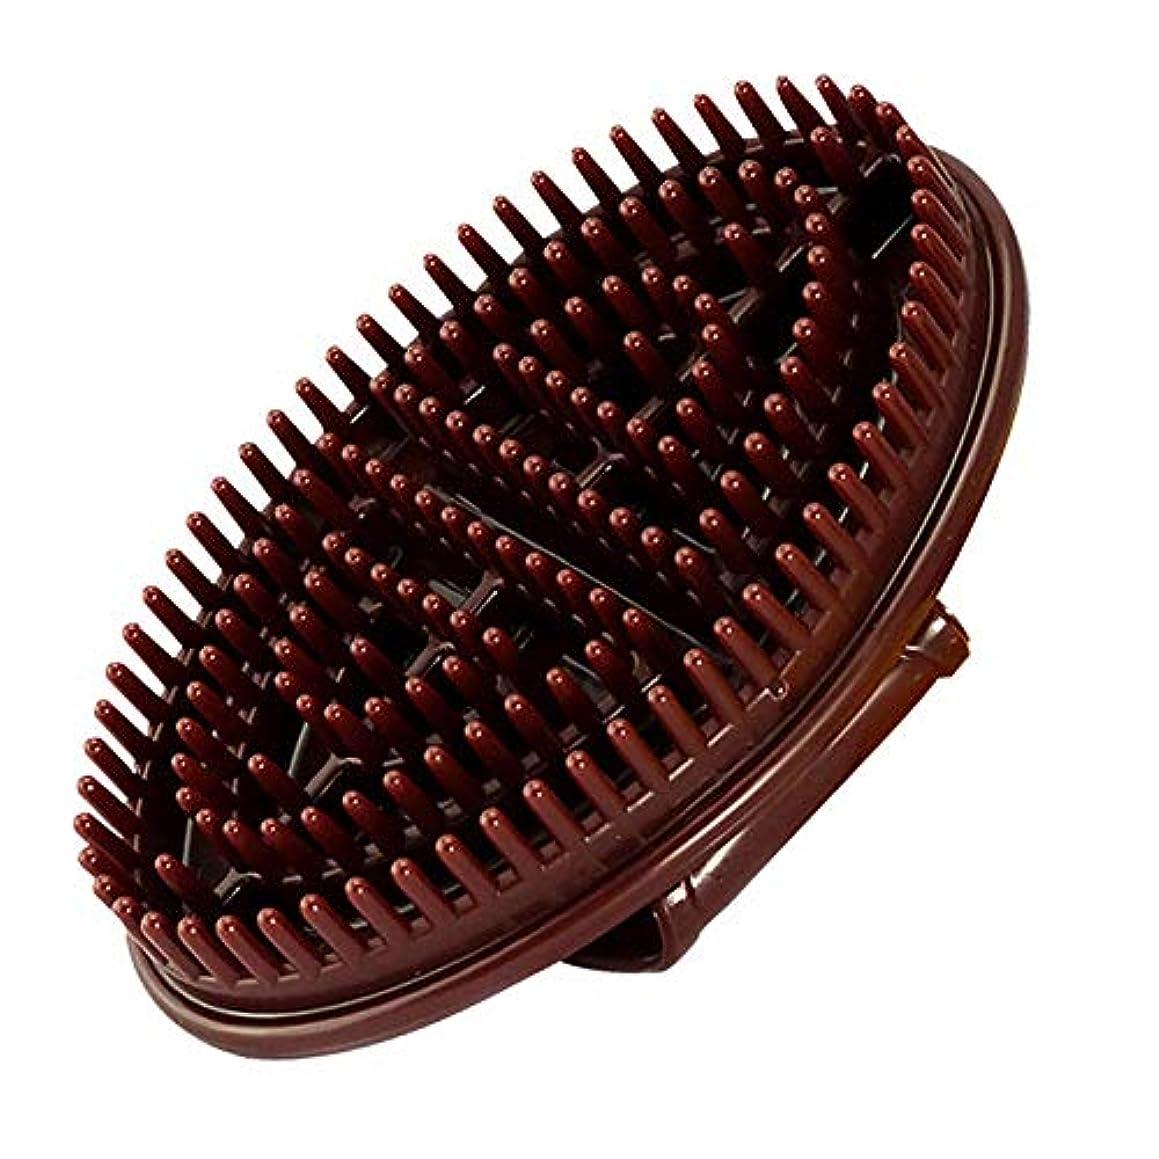 スナッチさびた品種TPUマッサージブラシカッサボディのリンパマッサージブラシ Massage Brush Home Beauty Salon essential Oil Brush Live Rib Brush (褐色)